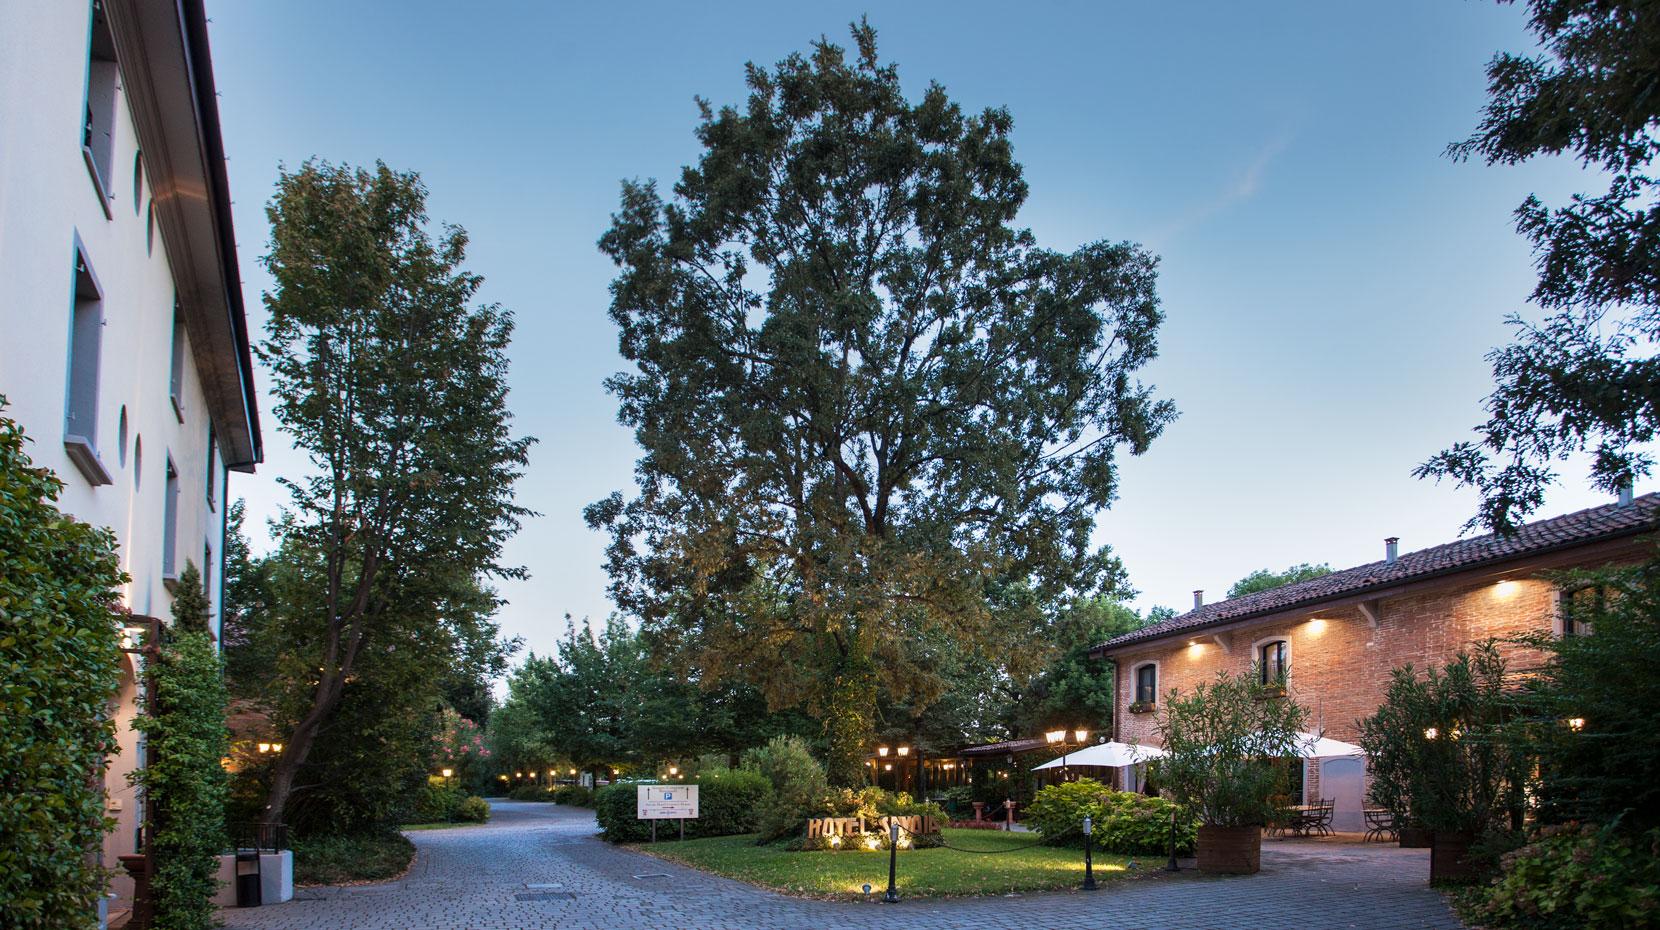 Arredamento Country Bologna.Savoia Hotel Country House Bologna